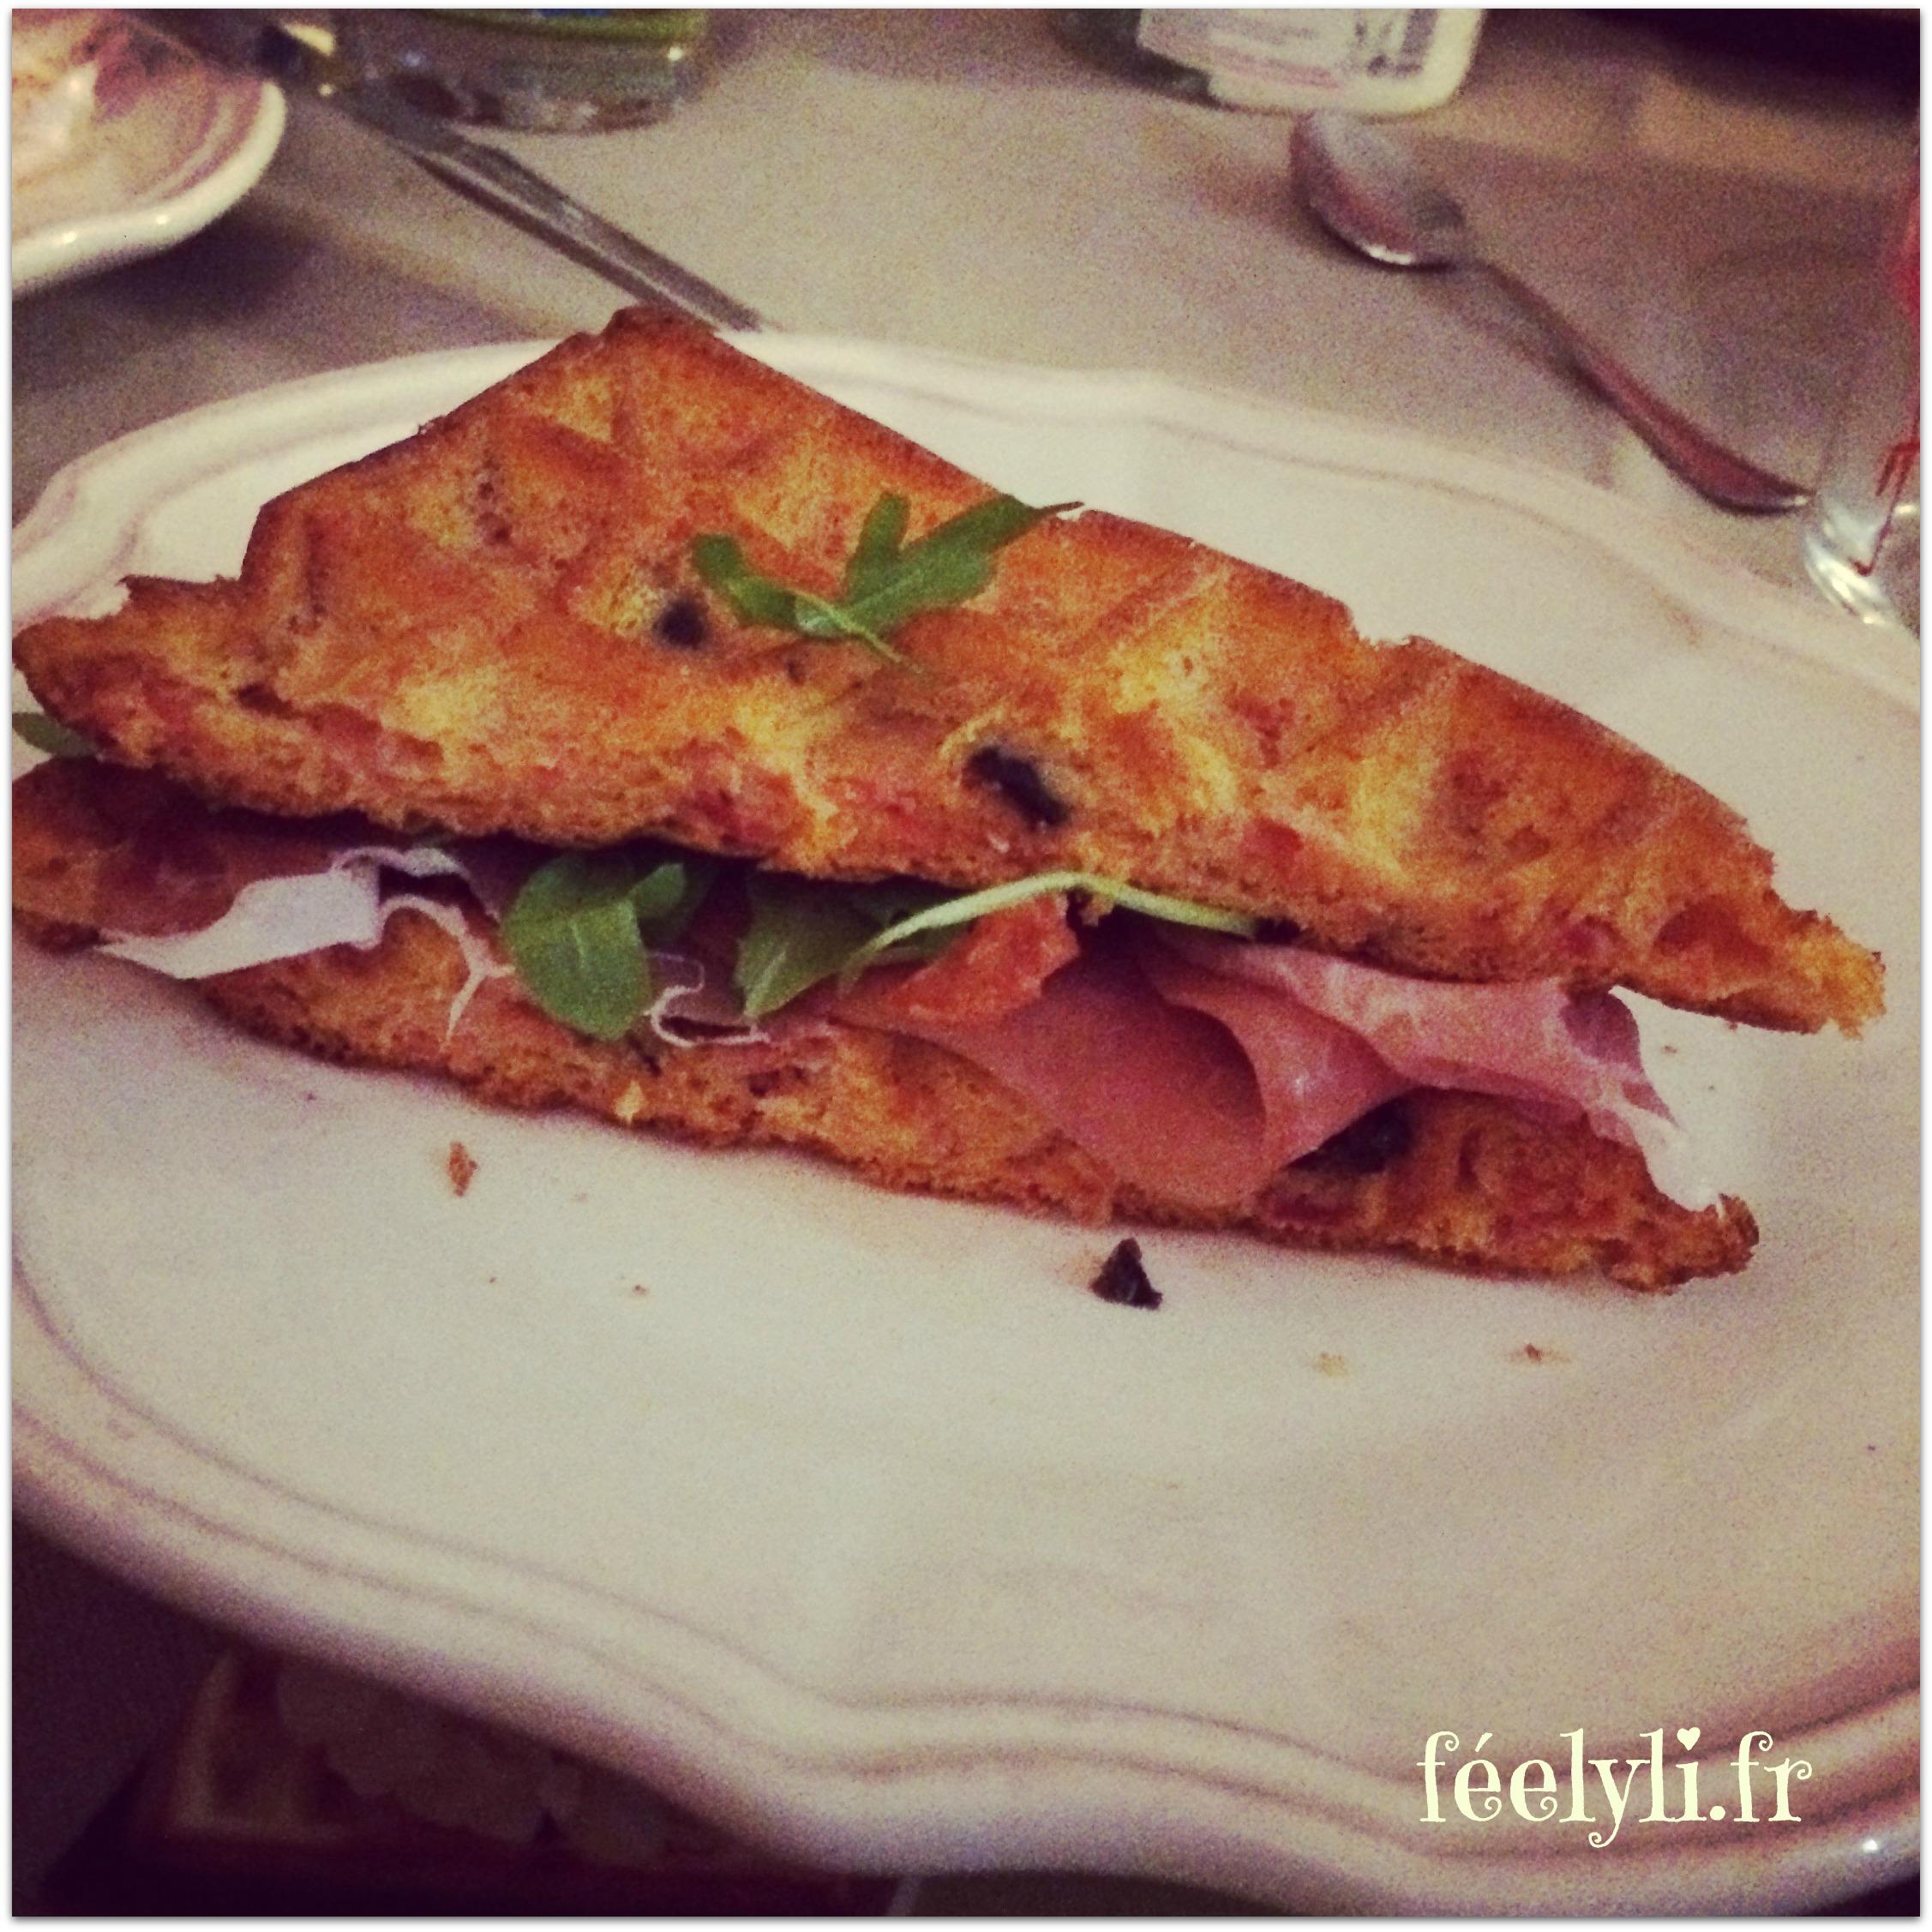 sandwich gaufre italien